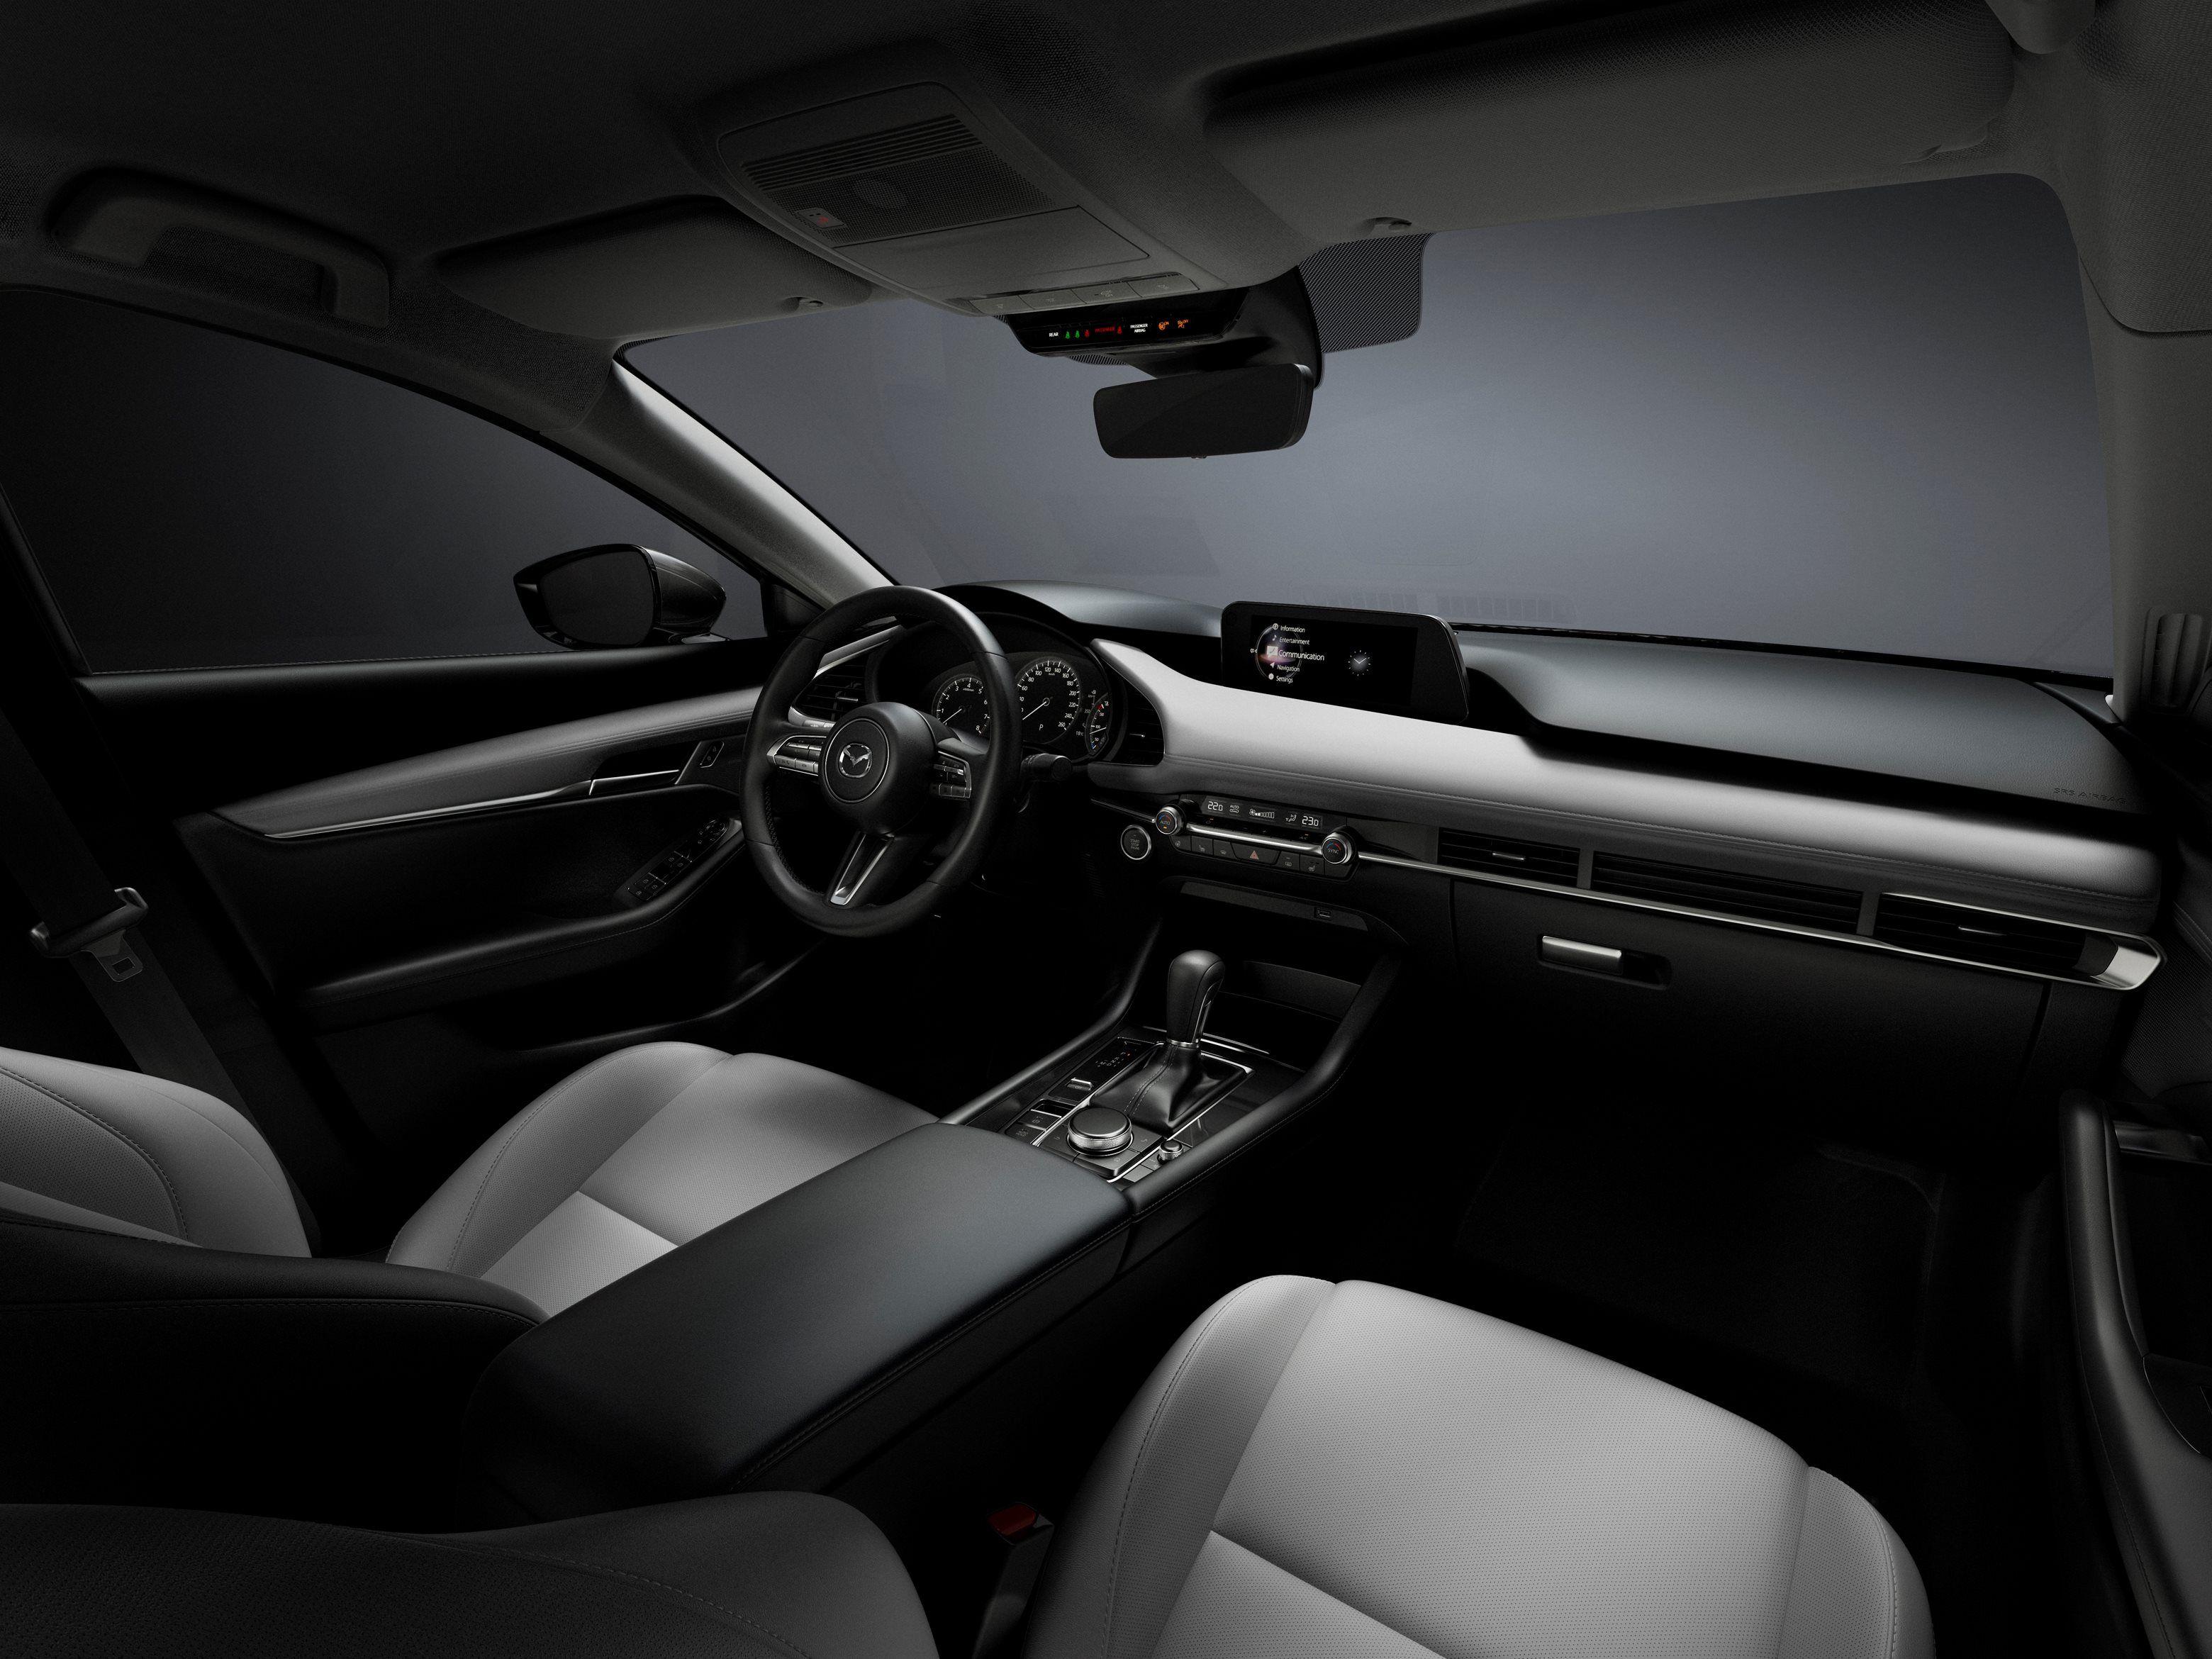 Mehr Unter Www Mazda At Modelle Mazda3 Mazda 3 Limousine Mazda 3 Mazda